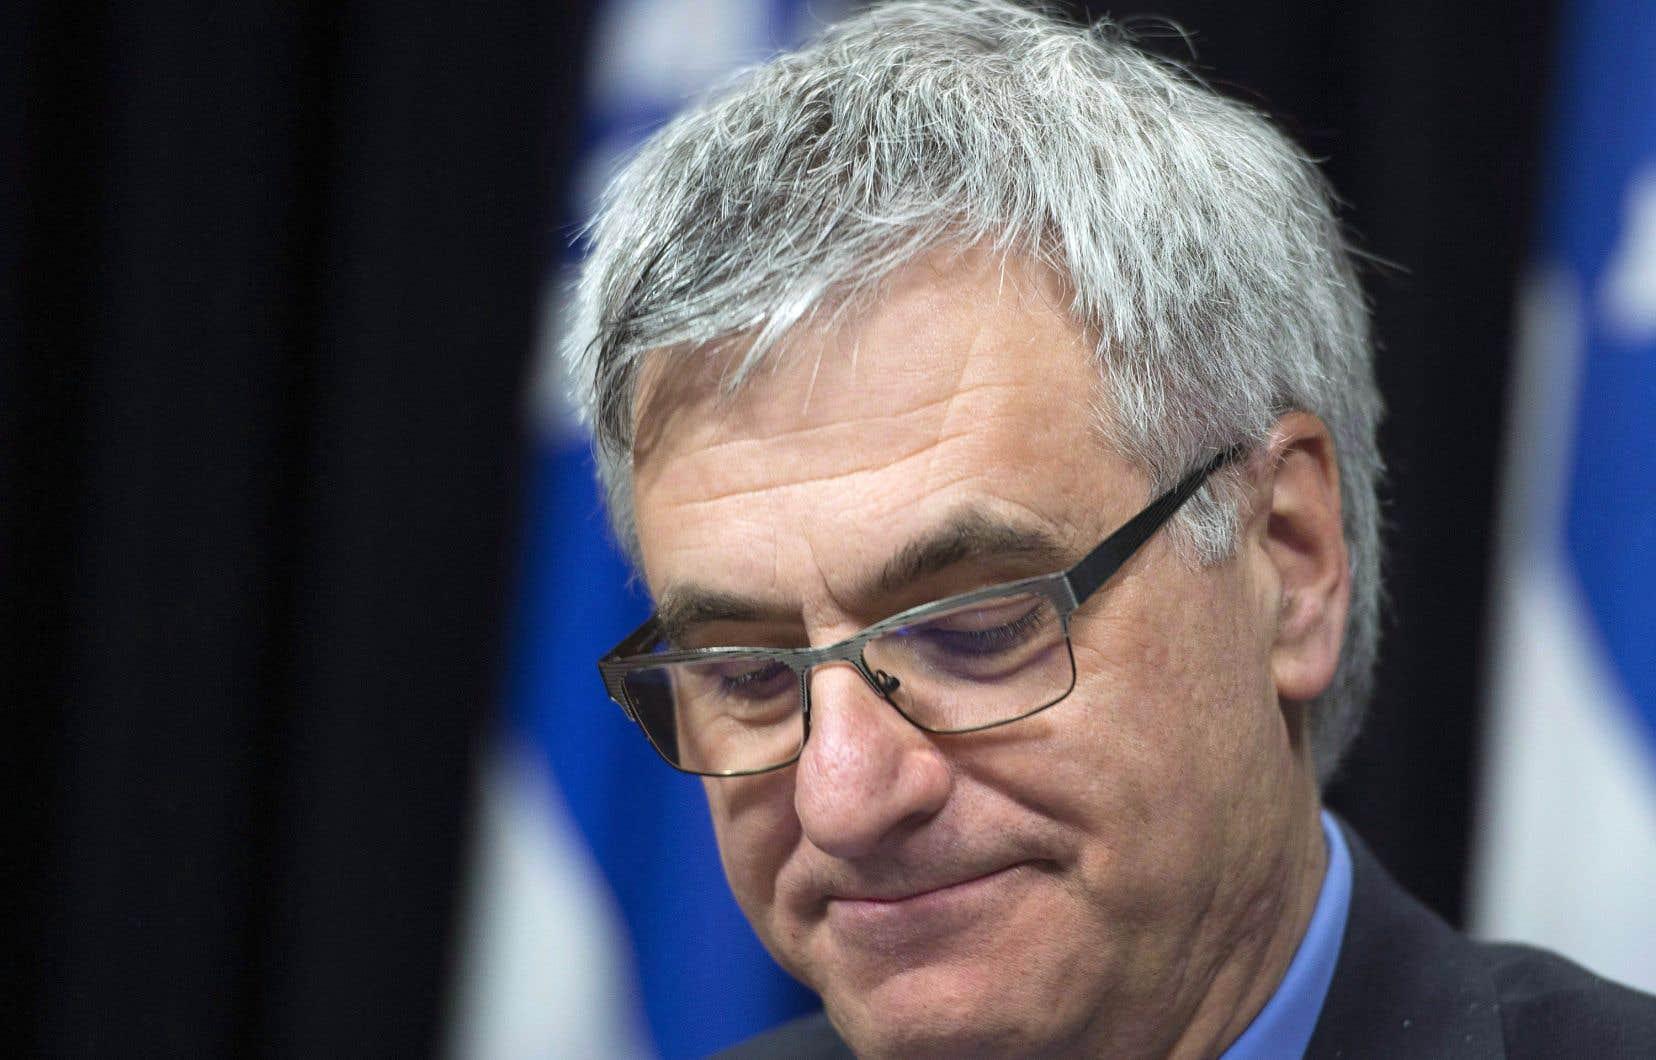 Jean-Marc Fournier croit avoir contribué à briser «le tabou» sur la spécificité de la nation québécoise au cours des onze derniers mois.